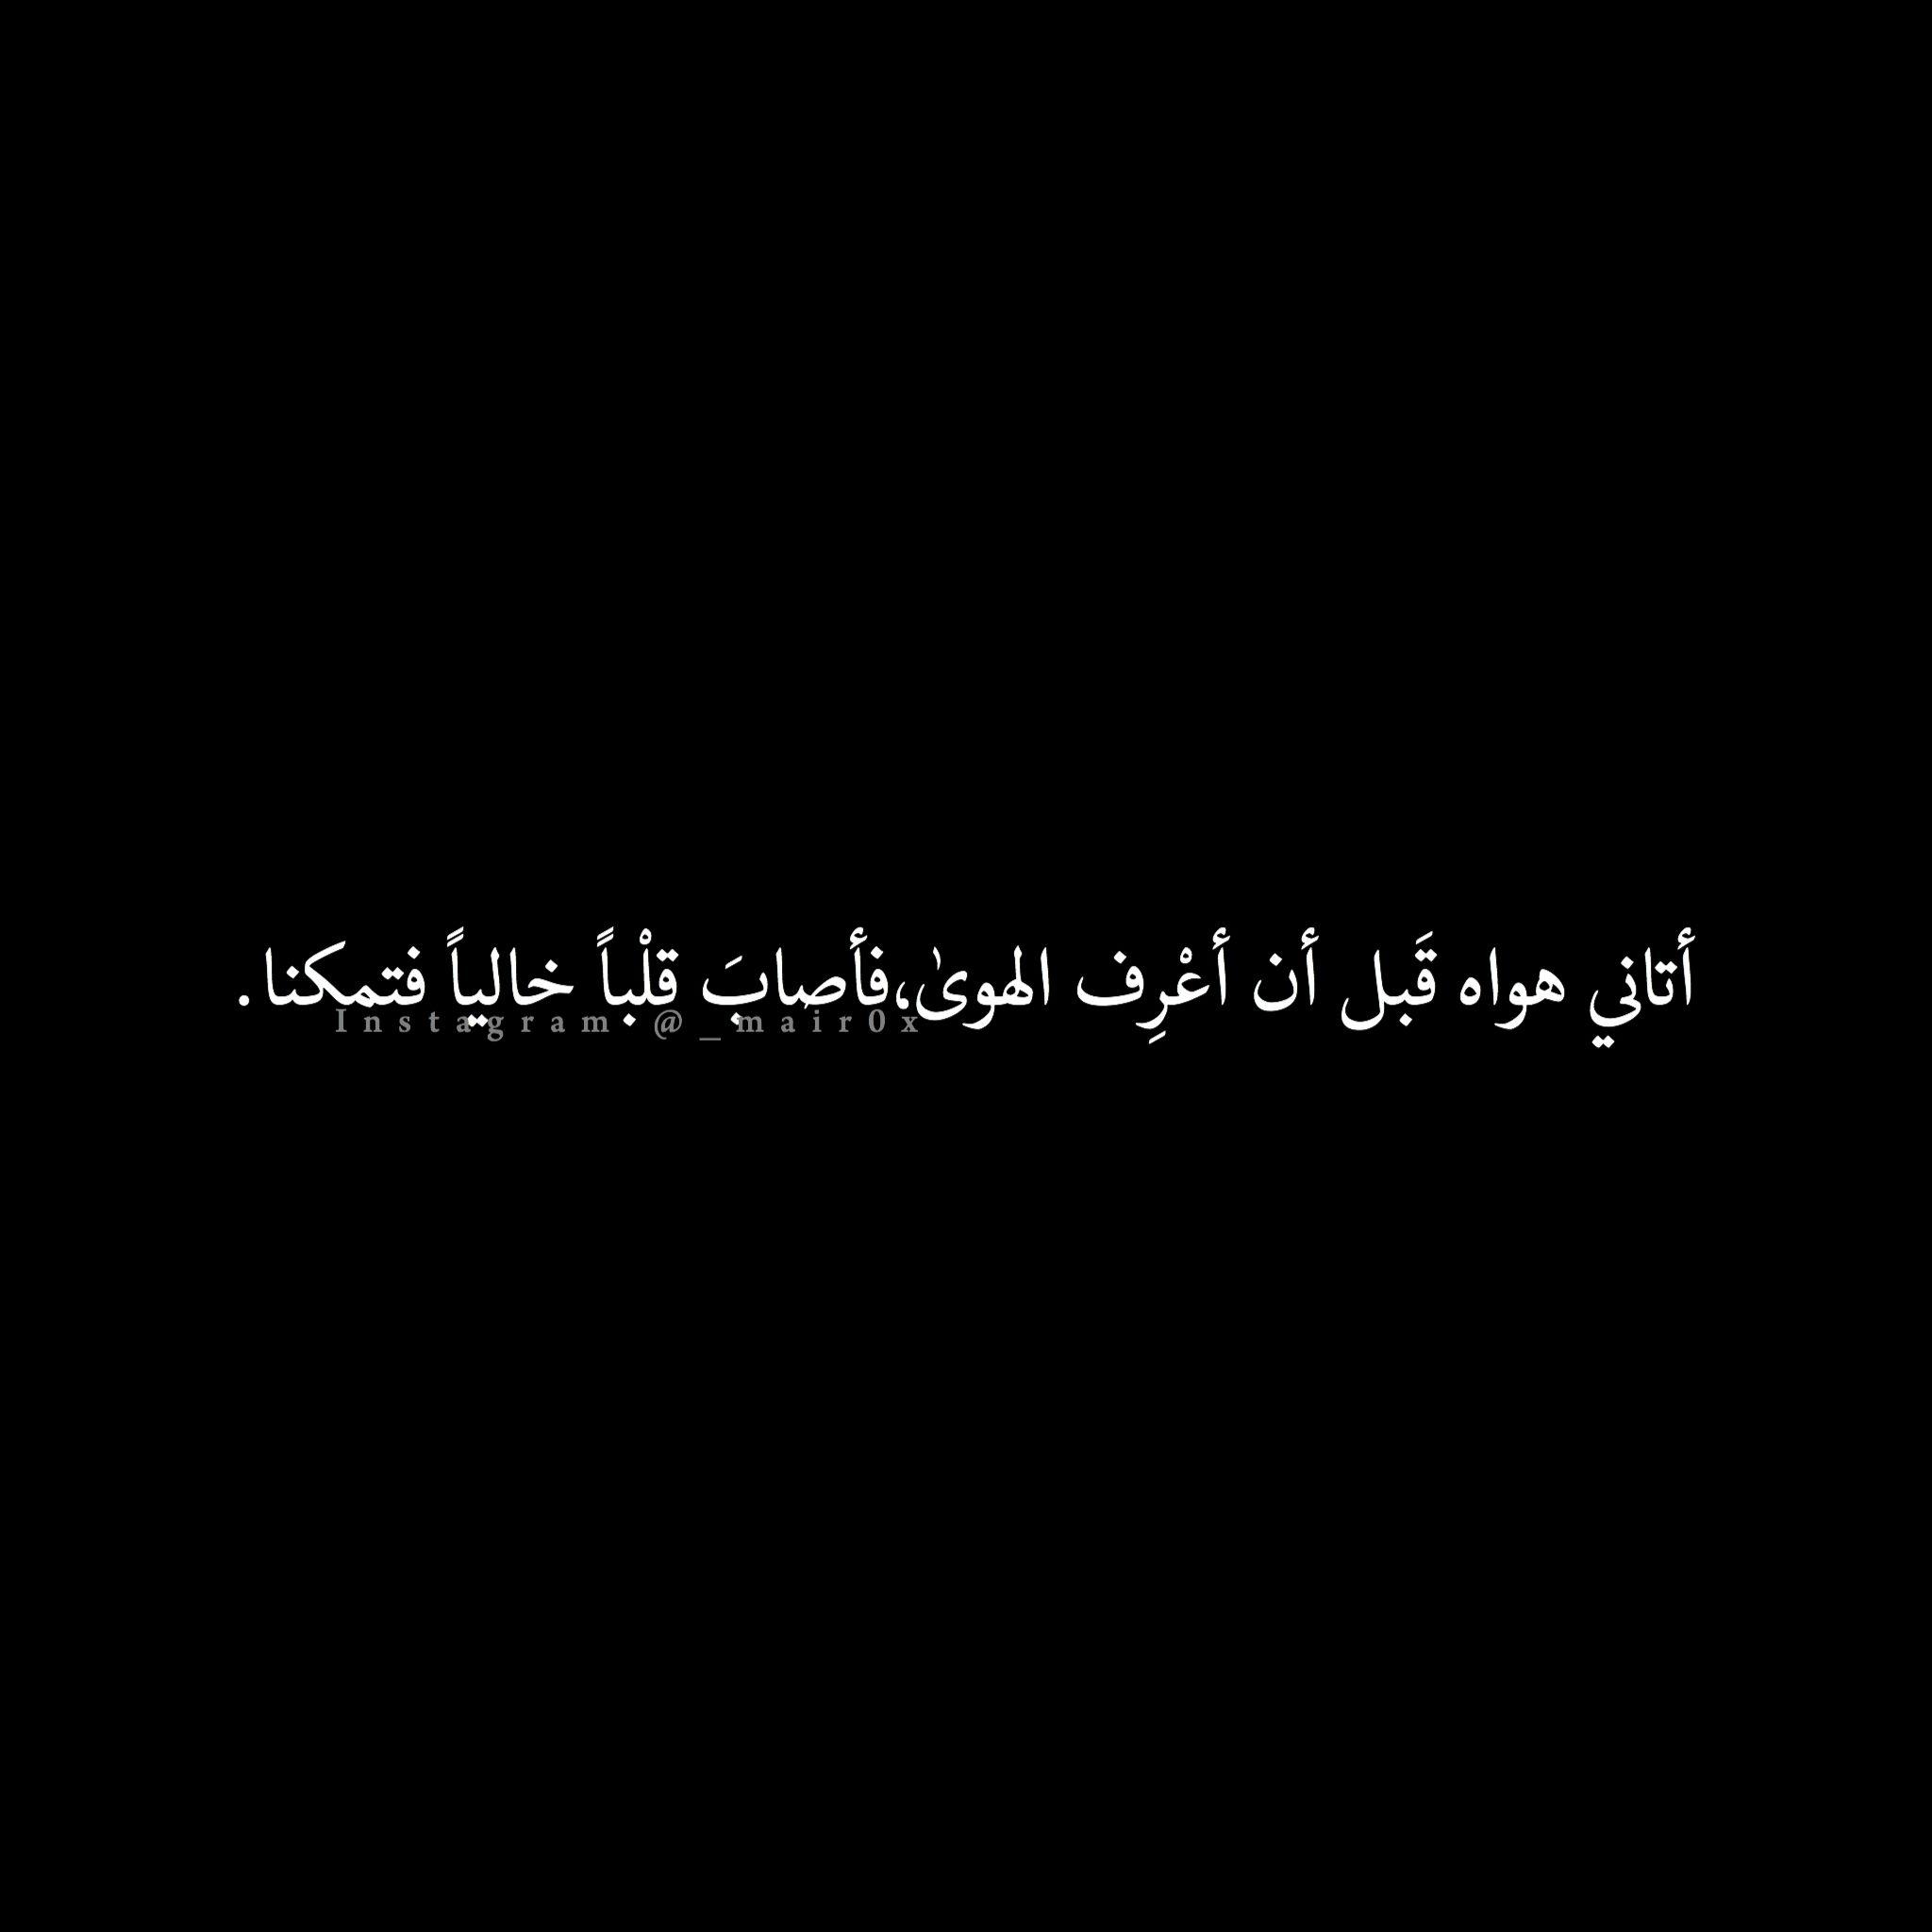 اقتباسات ابيض اسود Black White Quote Arabic Love Quotes Arabic Quotes Quotes